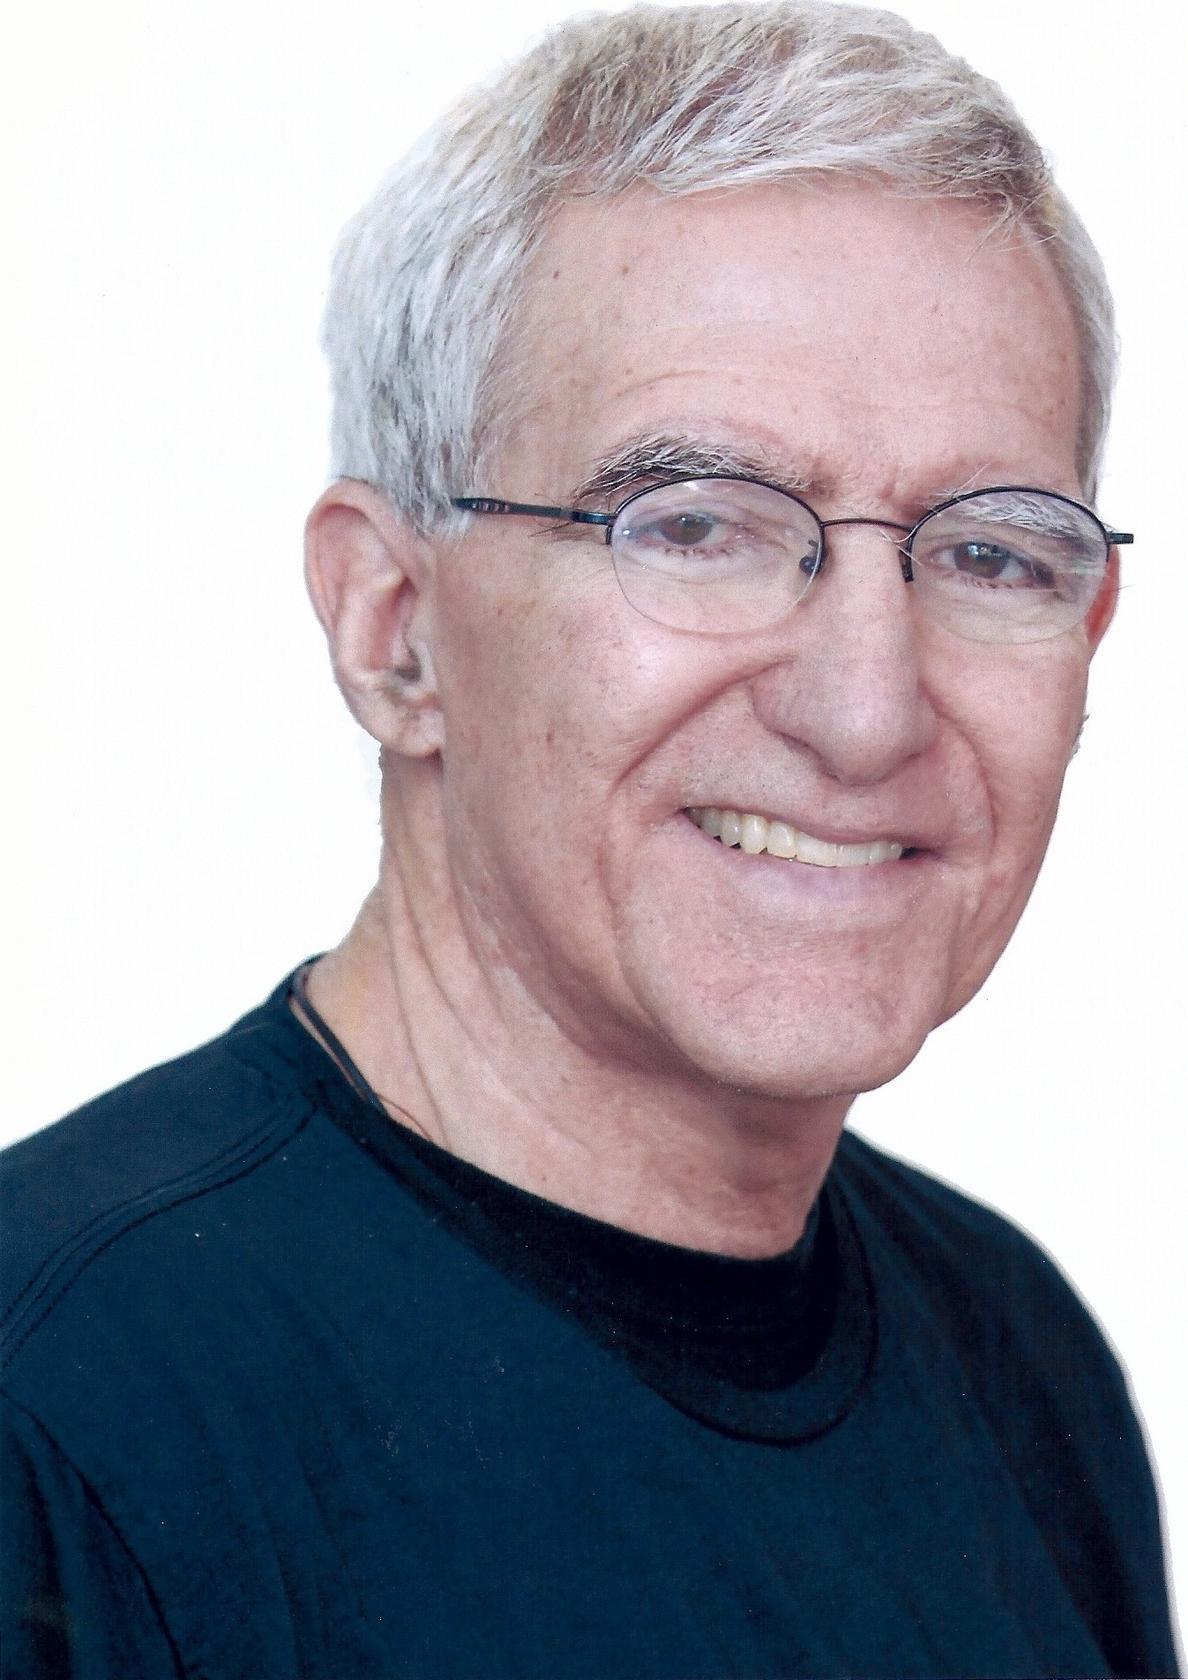 F.El catedrático de la Universidad de California Teófilo F. Ruiz, en el programa profesores distinguidos